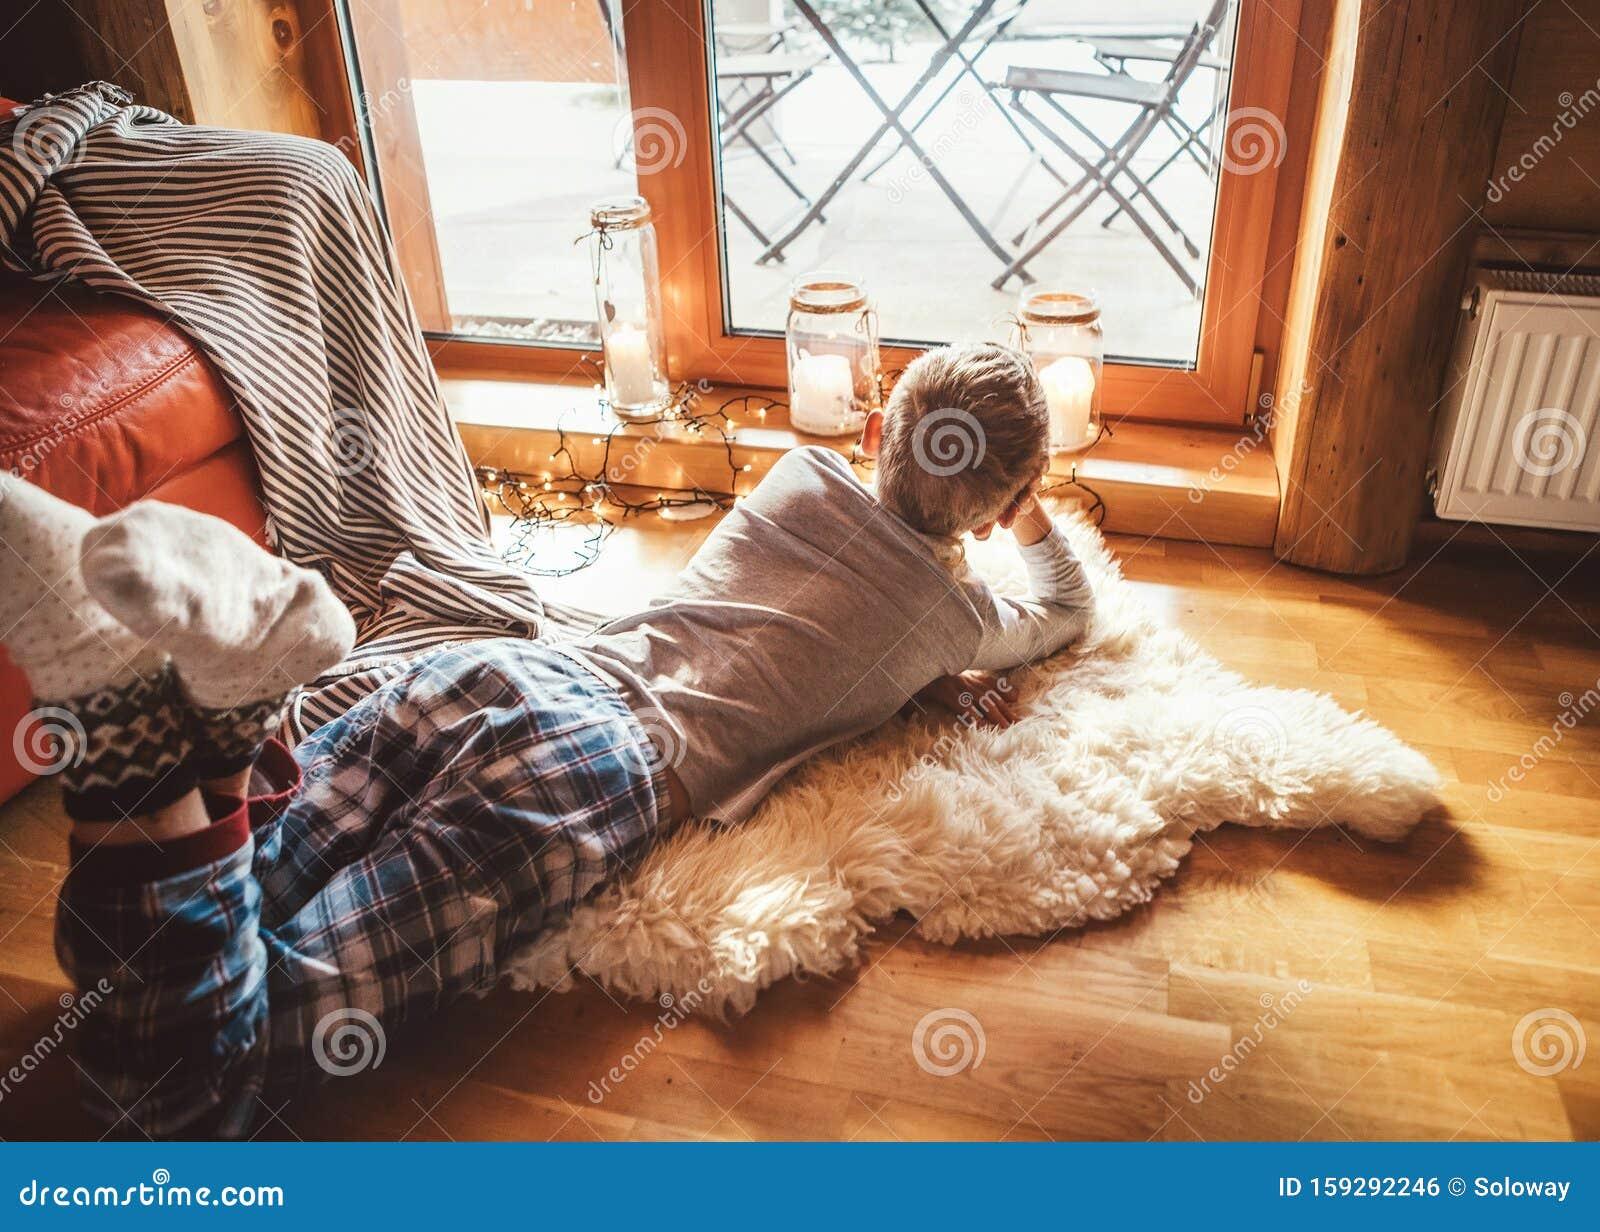 Boring Boy Ligt Op De Vloer En Kijk Uit Het Raam In Luie En Warme Woonkamer Stock Foto Afbeelding Bestaande Uit Eenzaamheid Kids 159292246